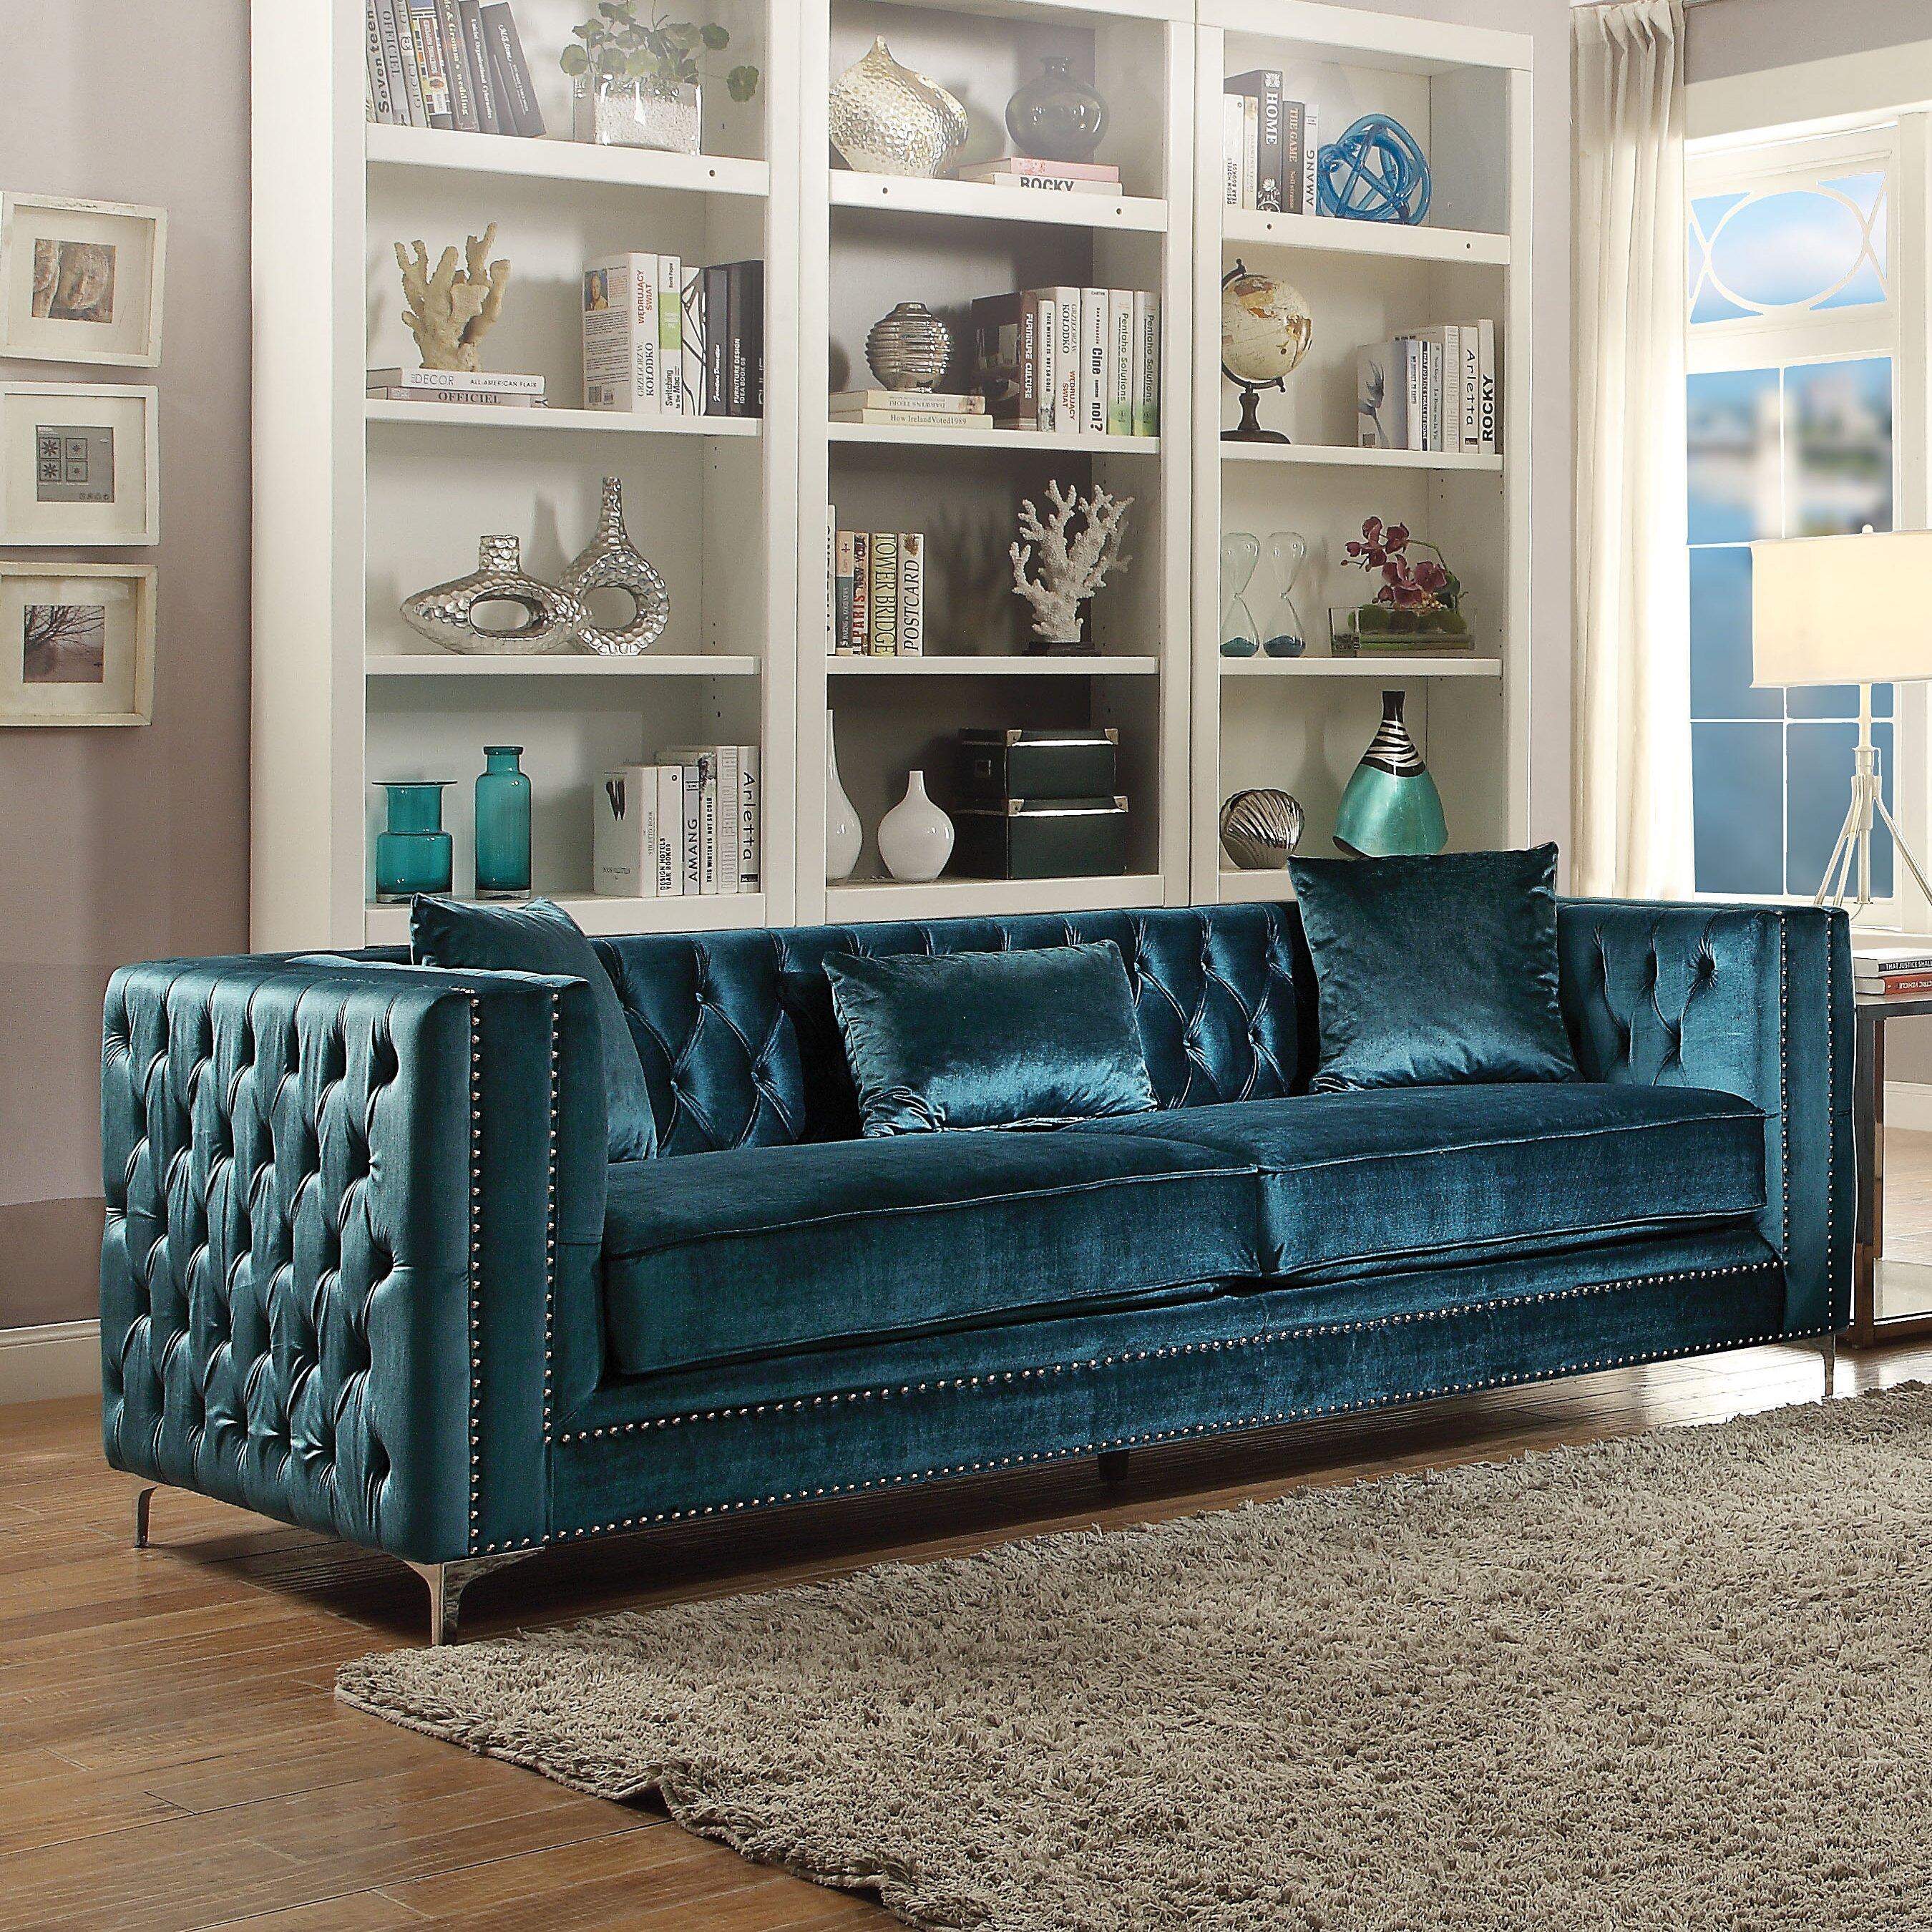 Everly Quinn Kingsley Tufted Sofa Wayfair